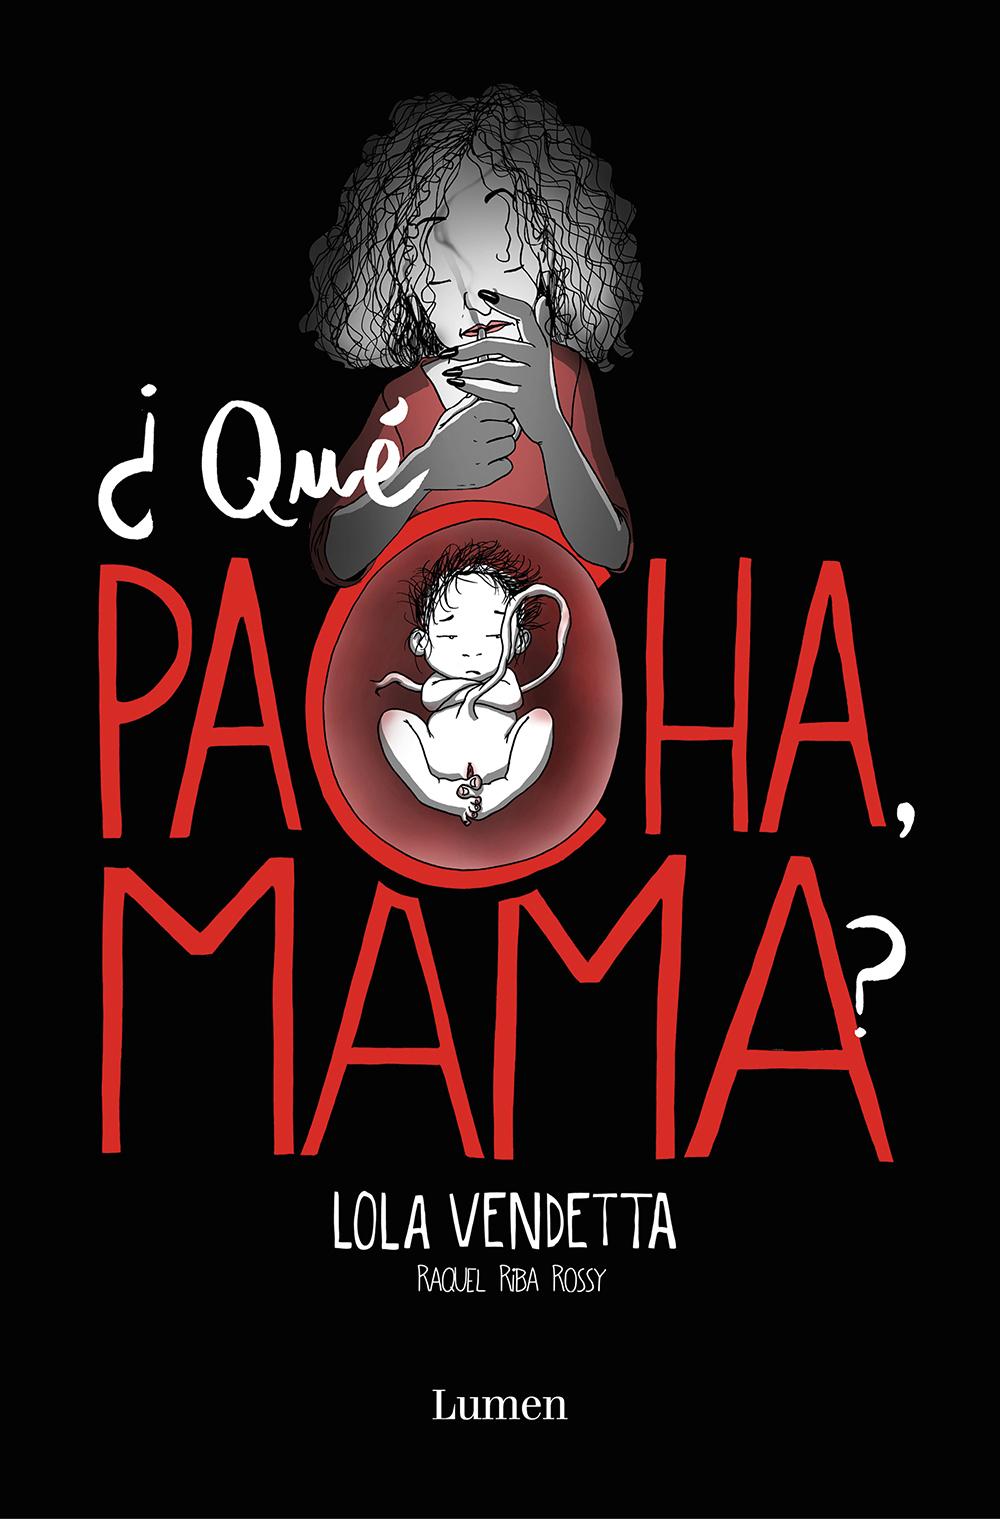 """Lola Vendetta: """"Es importante recordarse a una misma que hay que empezar a tratarse bien desde dentro"""""""